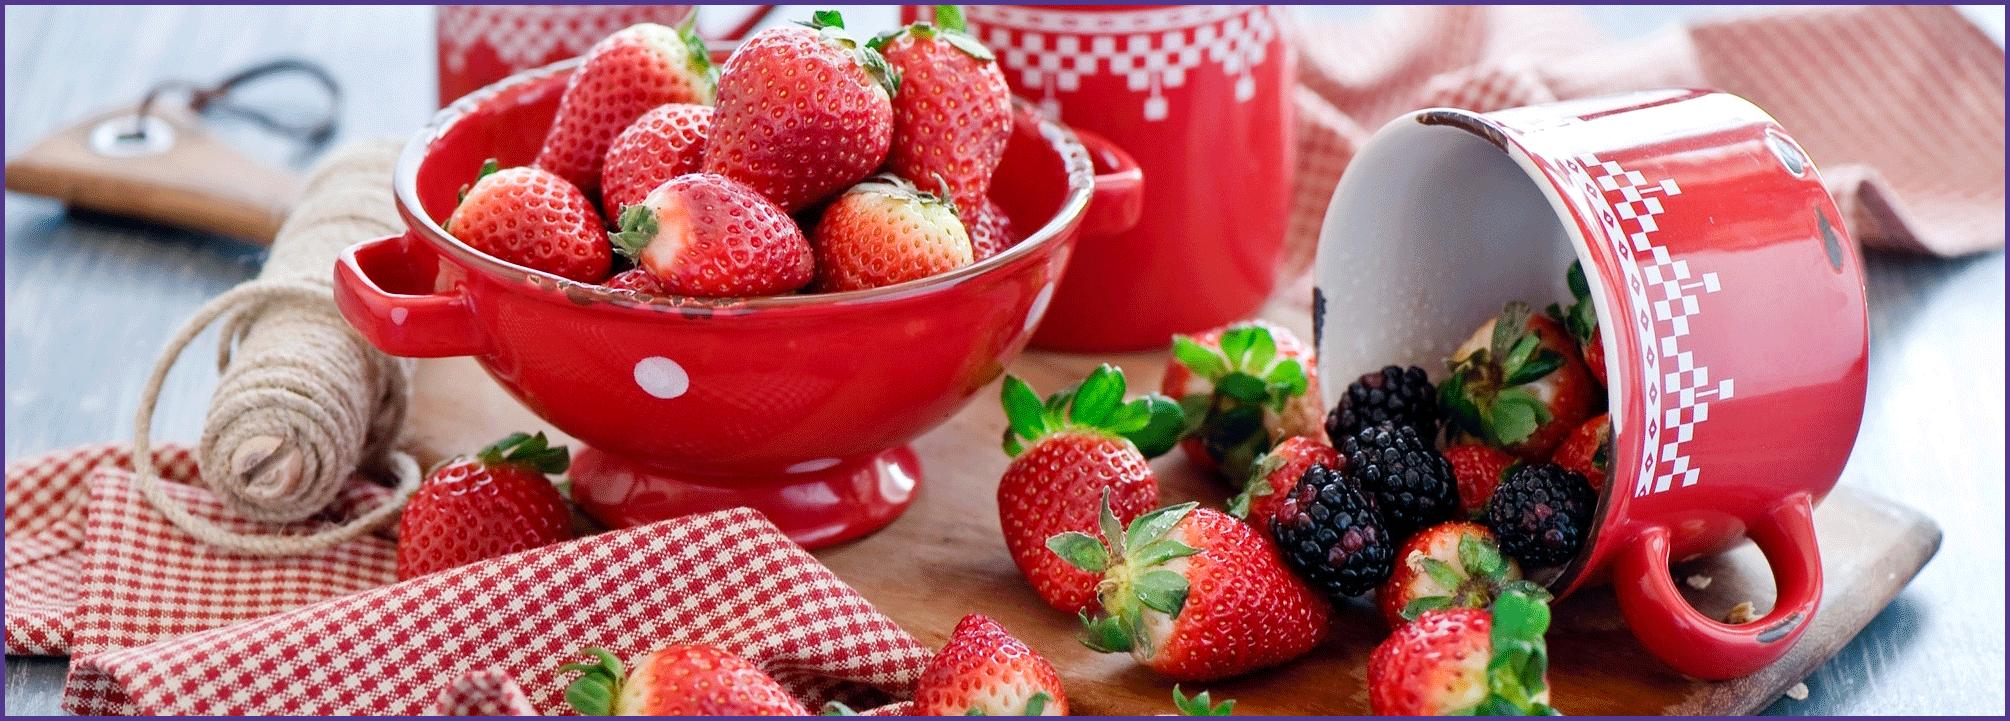 Frutta-Fresca-Vivoli-Gelateria-Firenze